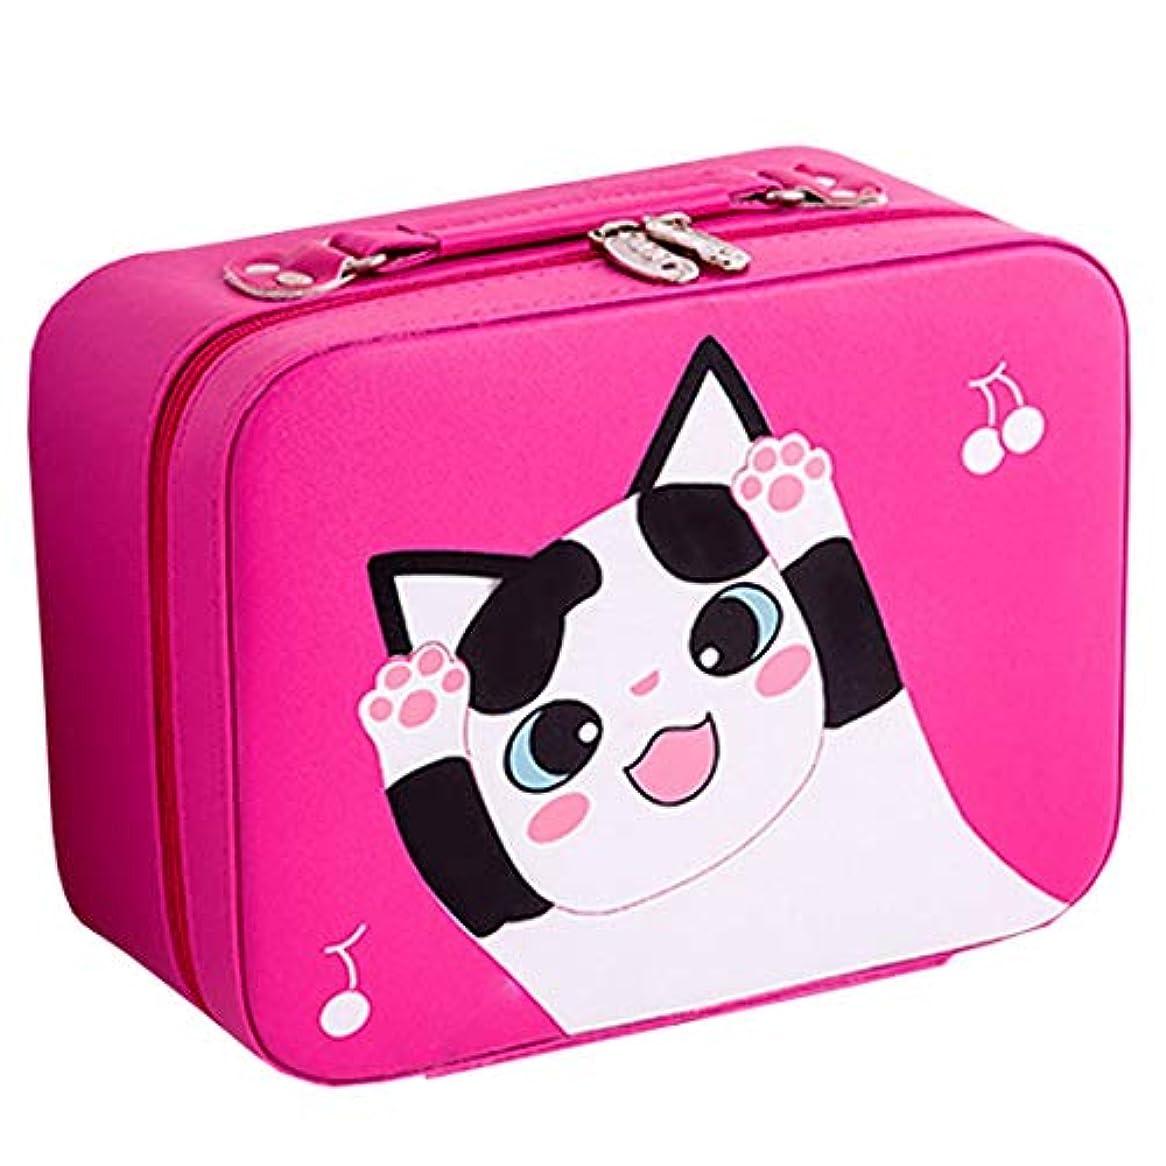 保険魔術師これまで[テンカ]メイクボックス コスメボックス 大容量 鏡付き おしゃれ かわいい 化粧品収納ボックス ブランド 人気 プロ 化粧ボックス 小物 猫柄 機能的 メイクポーチ 旅行 収納ケース バラ色